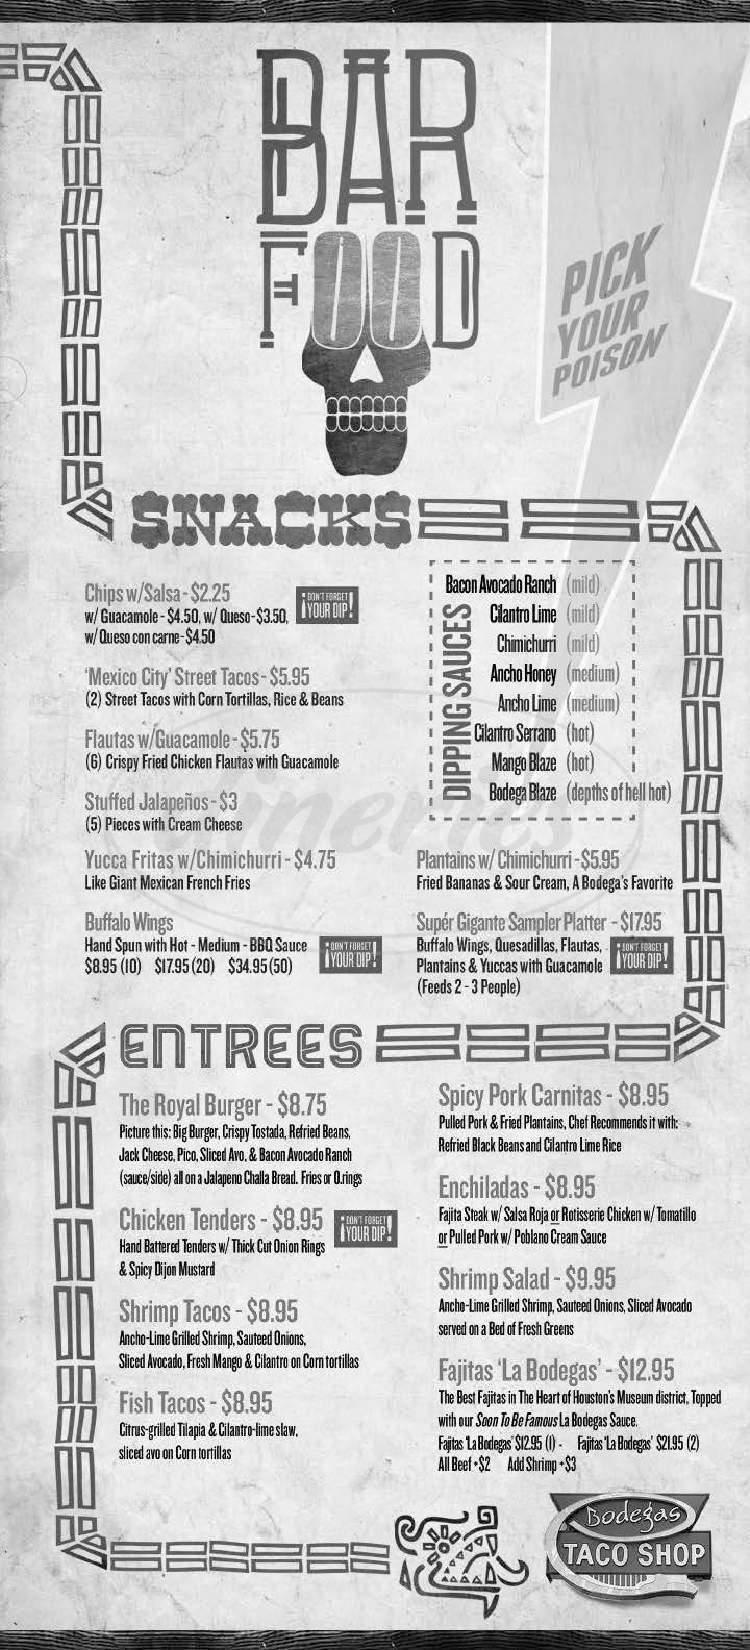 menu for Bodega's Taco Shop